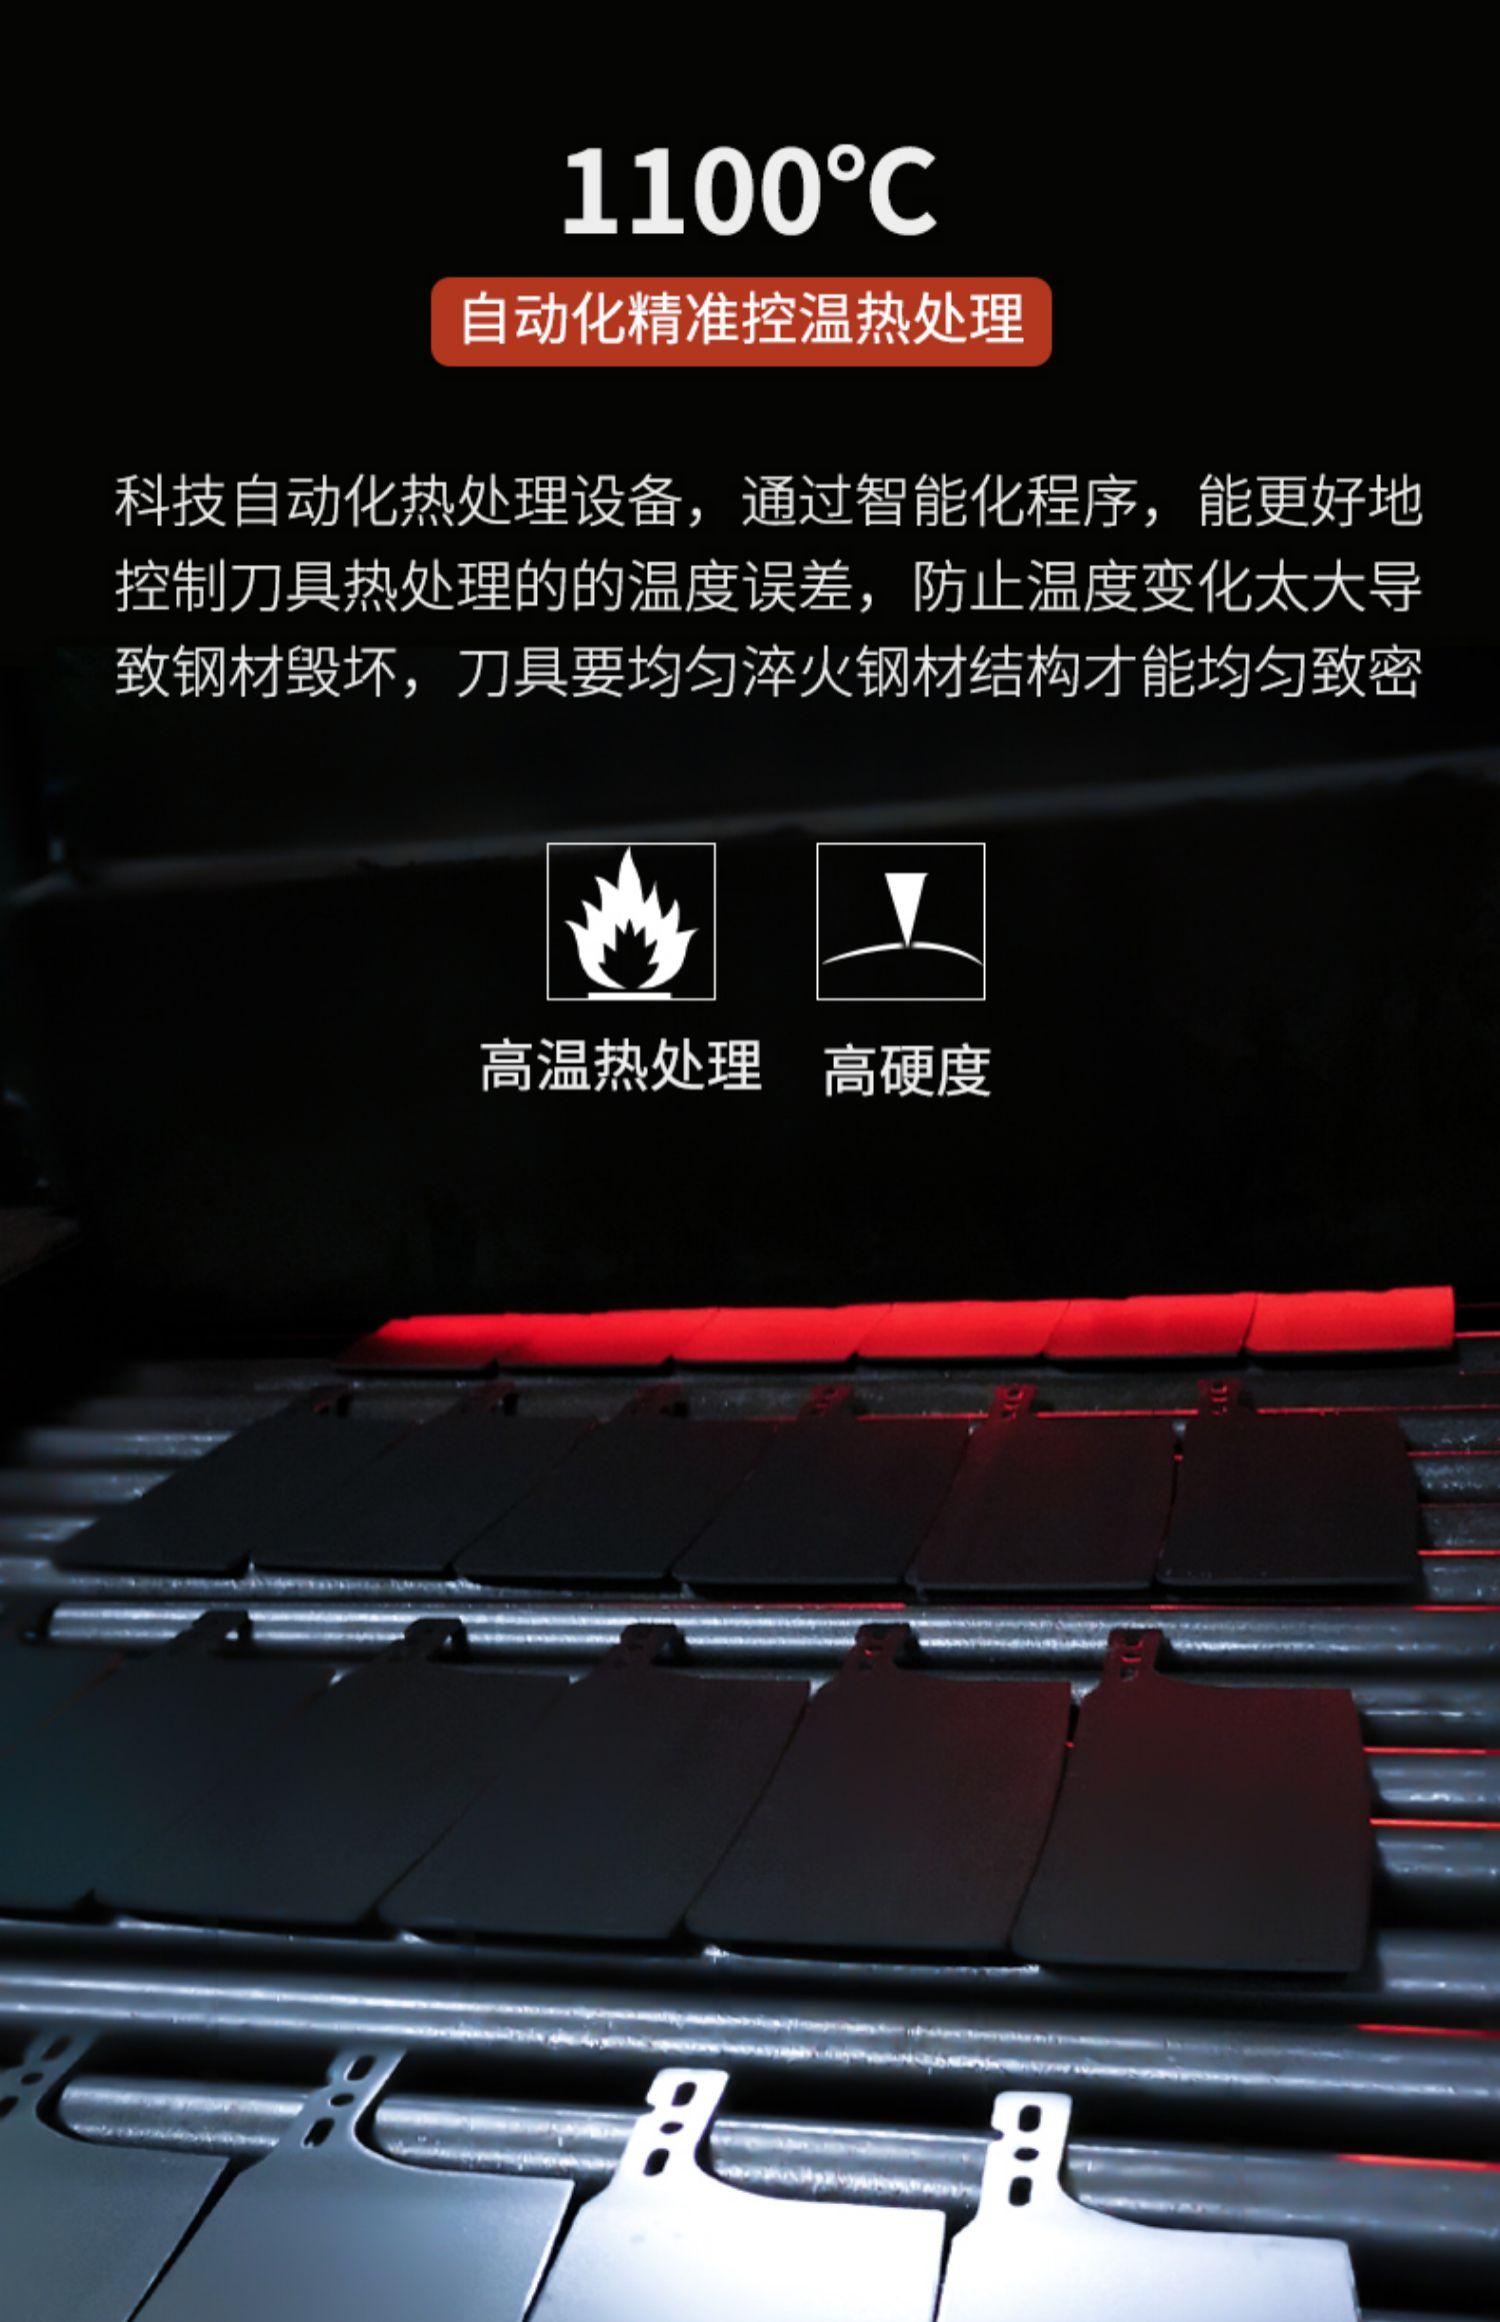 【巧媳妇】厨房不锈钢菜刀送多功能刨 12